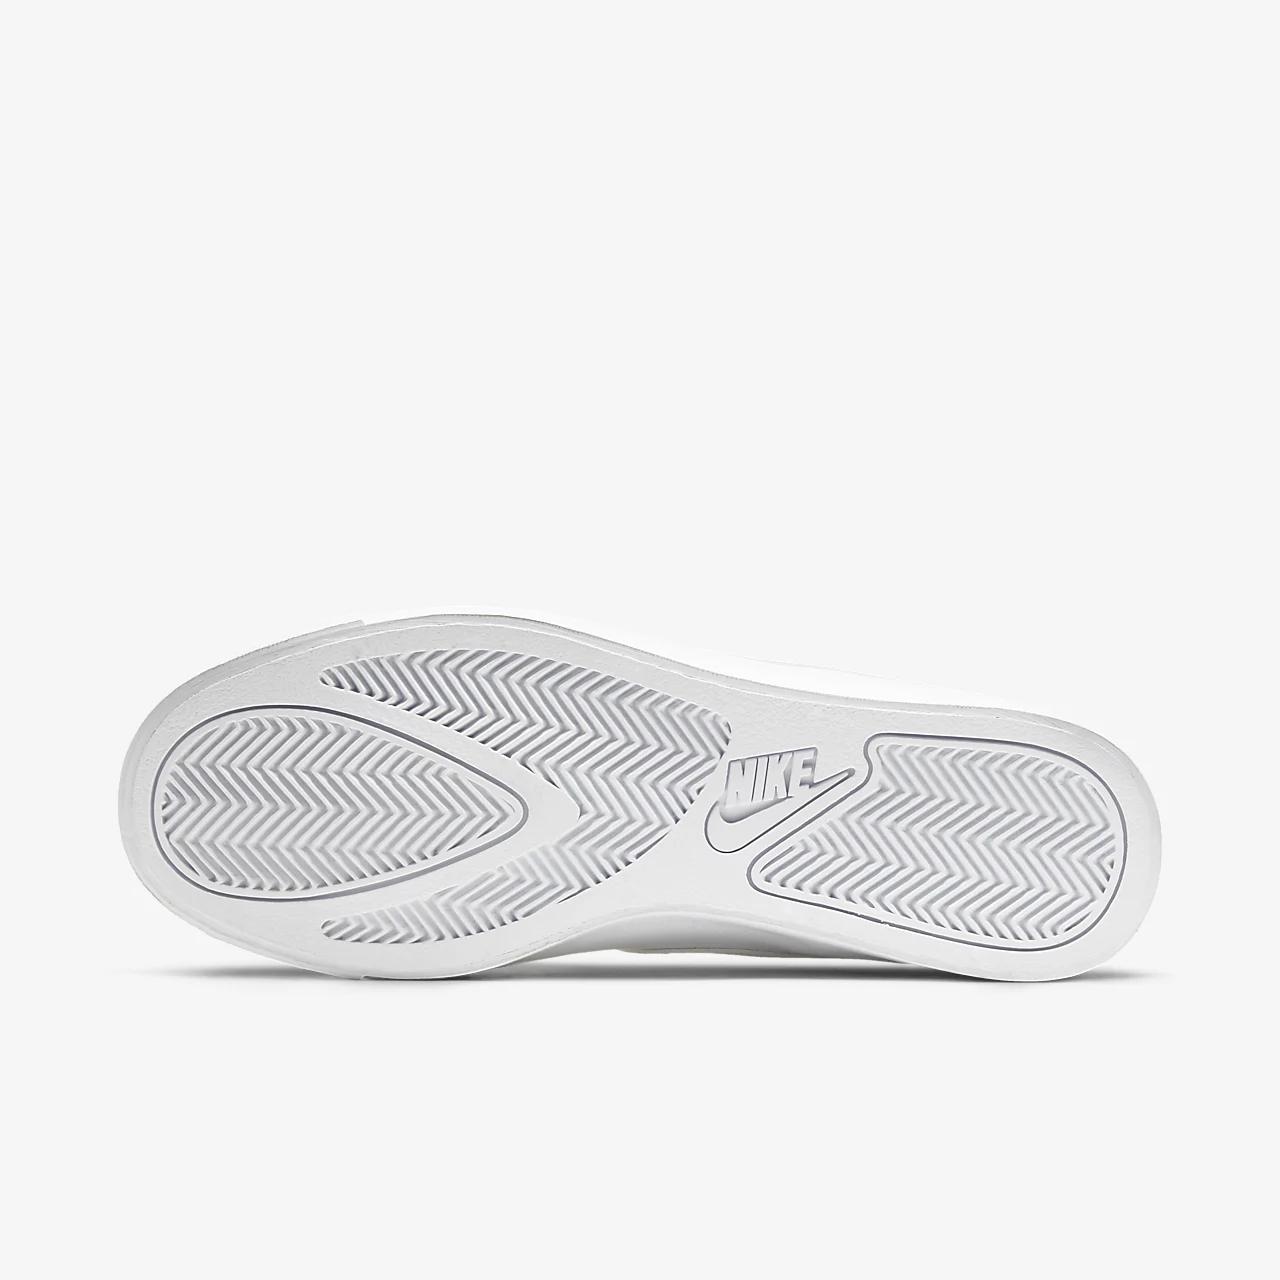 나이키 코트 로얄 AC 캔버스 여성 신발 CD5405-101